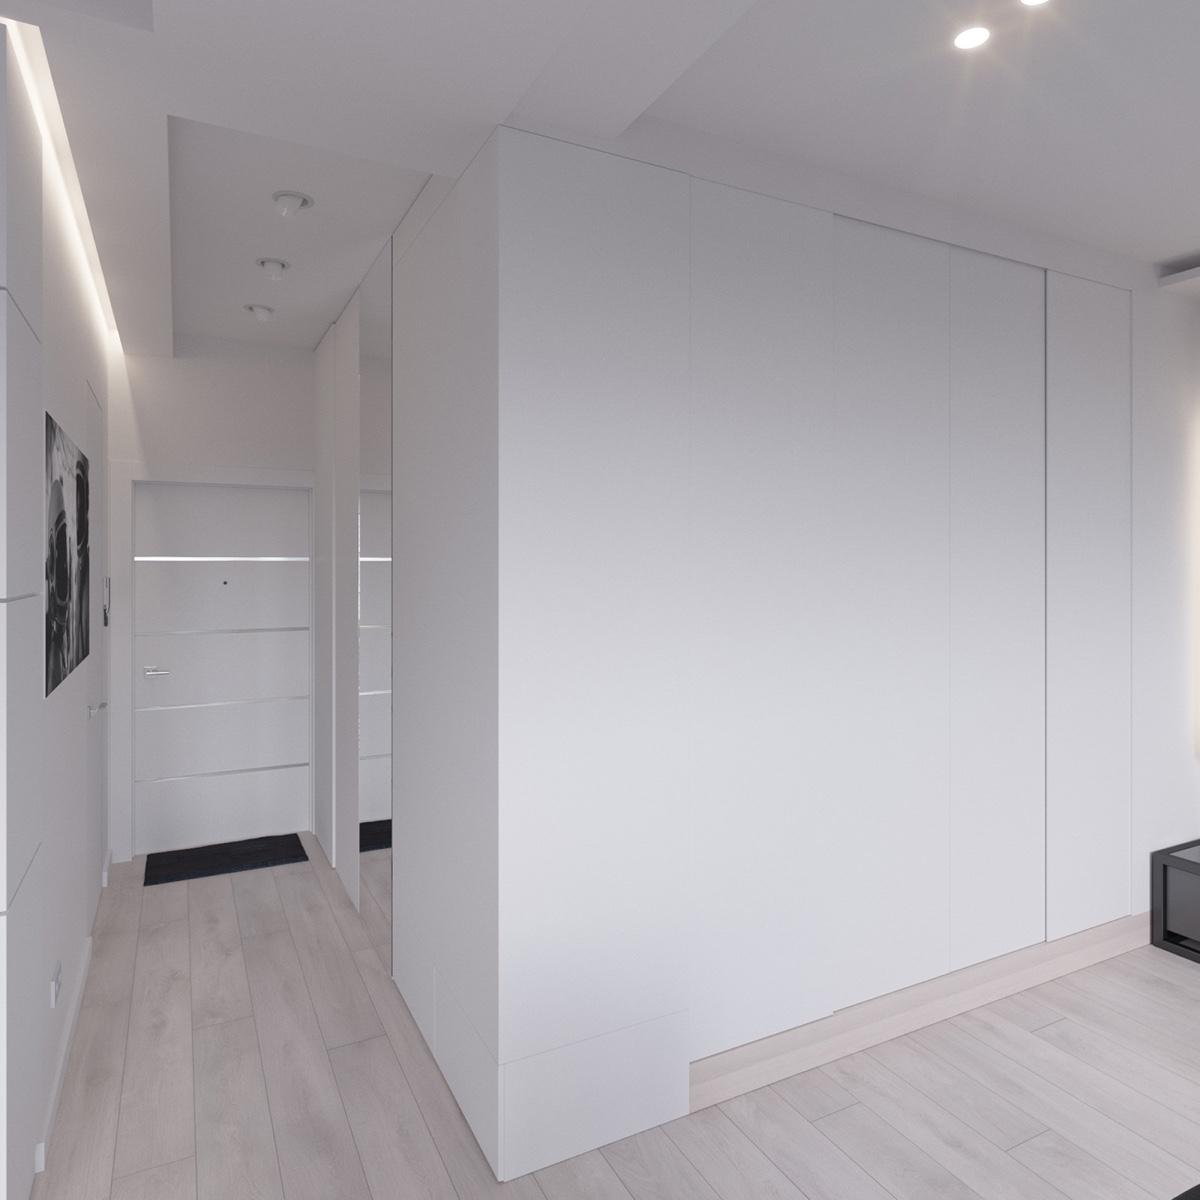 Thích mê 3 căn hộ hiện đại với diện tích khiêm tốn dưới 50m2 - Ảnh 20.